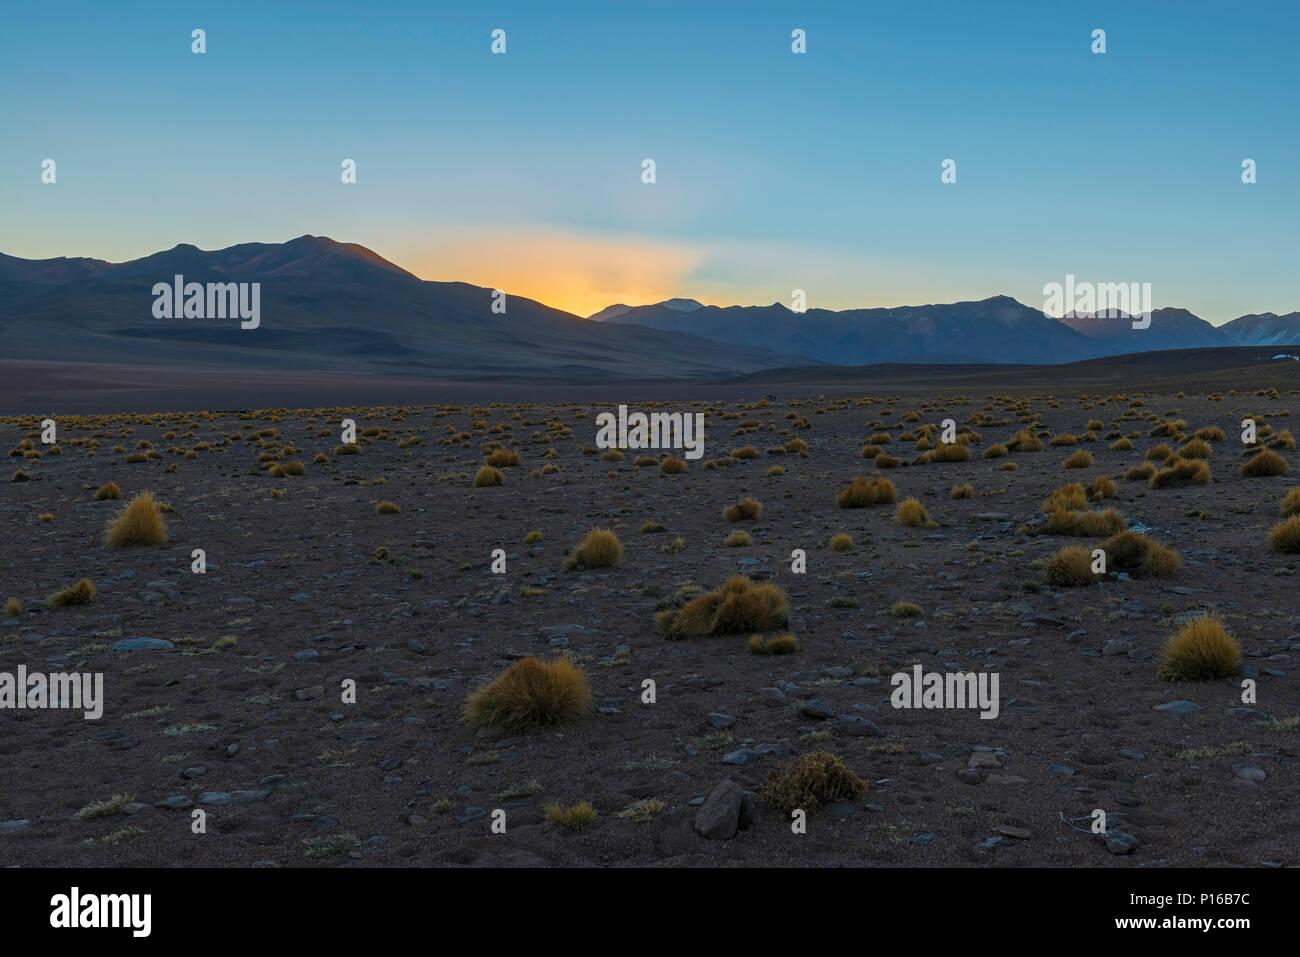 Landschaft der Anden bei Sonnenaufgang in der Siloli Wüste am 4600 m hohen zwischen Chile und den Salzsee von Uyuni, Bolivien entfernt. Stockbild